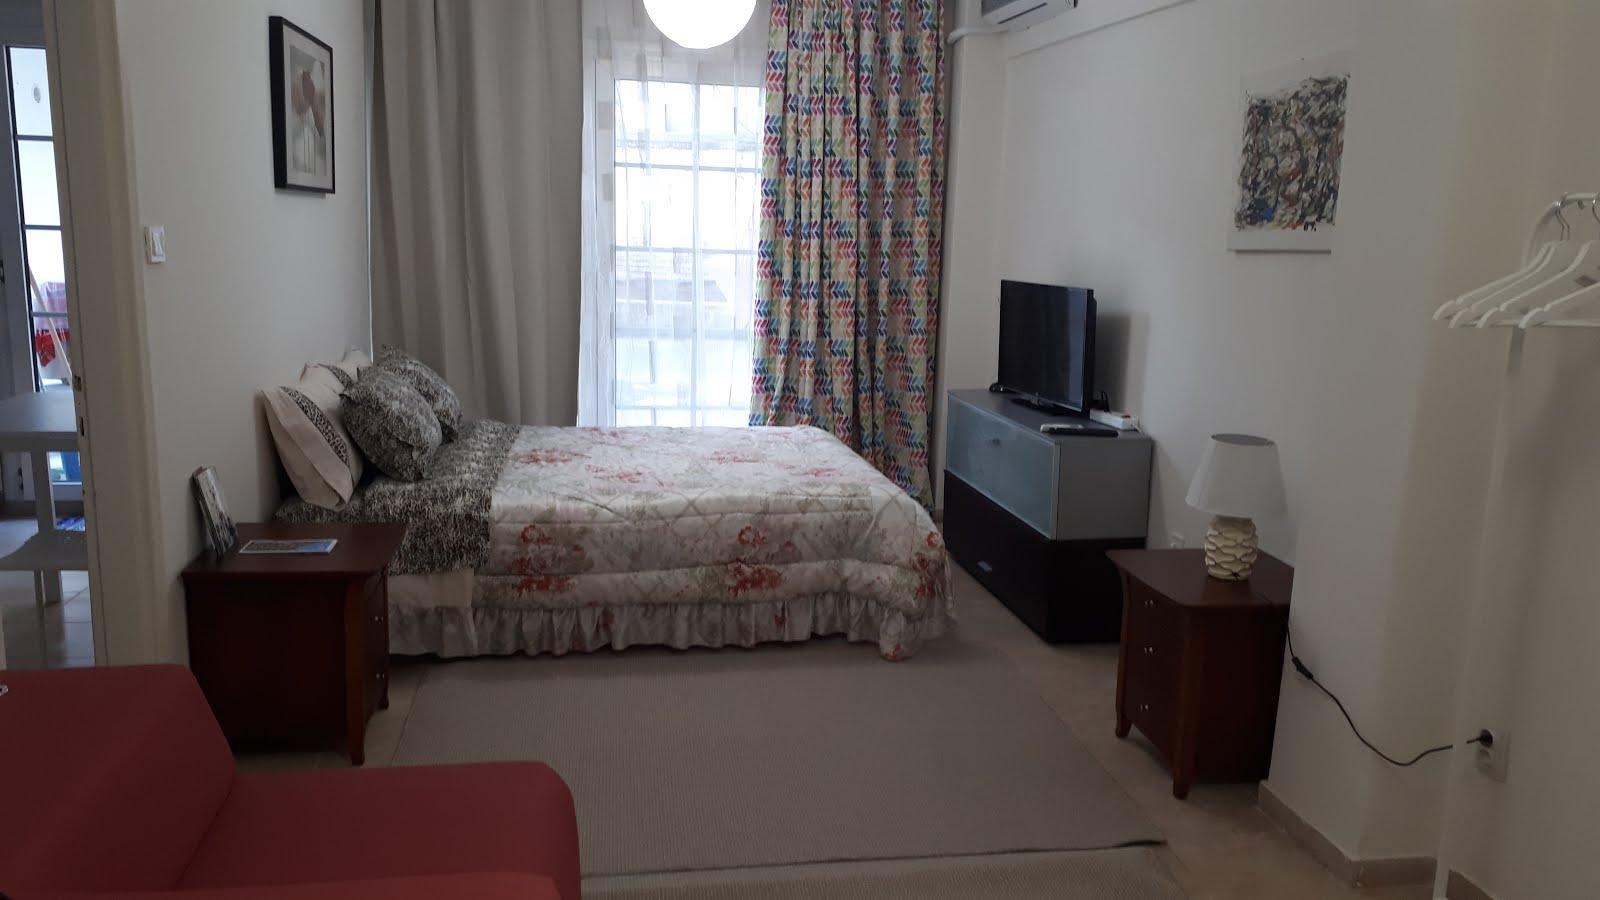 Φιλοξενία στην Θεσσαλονίκη με  wifi , air condition και netflix